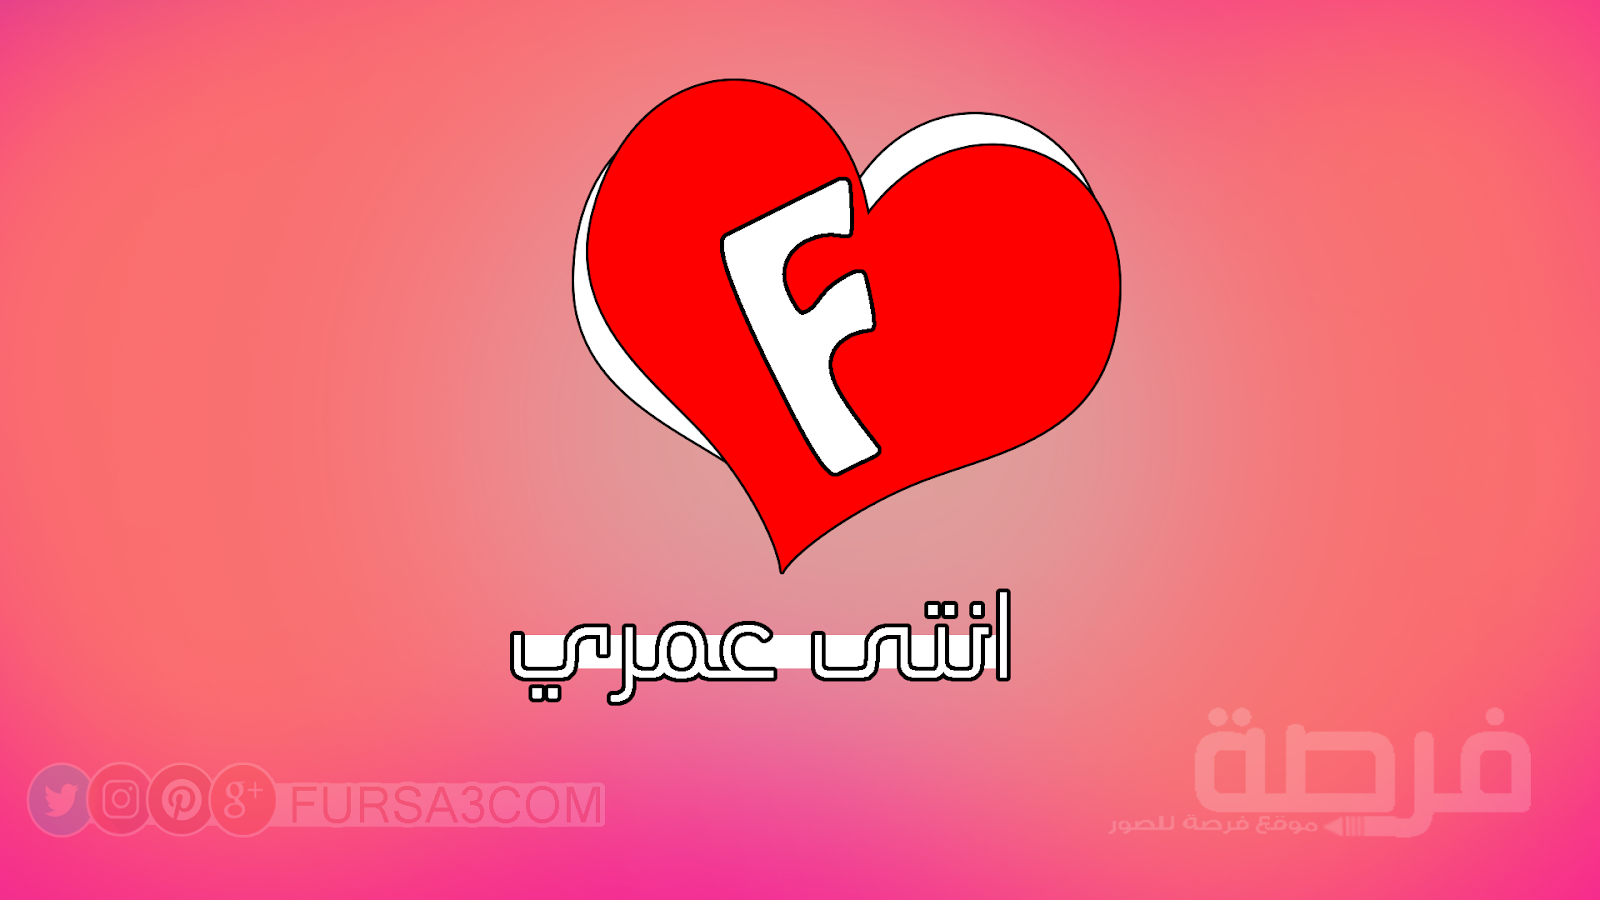 صور حرف F اشكال حلوه لحرف F قلوب فتيات